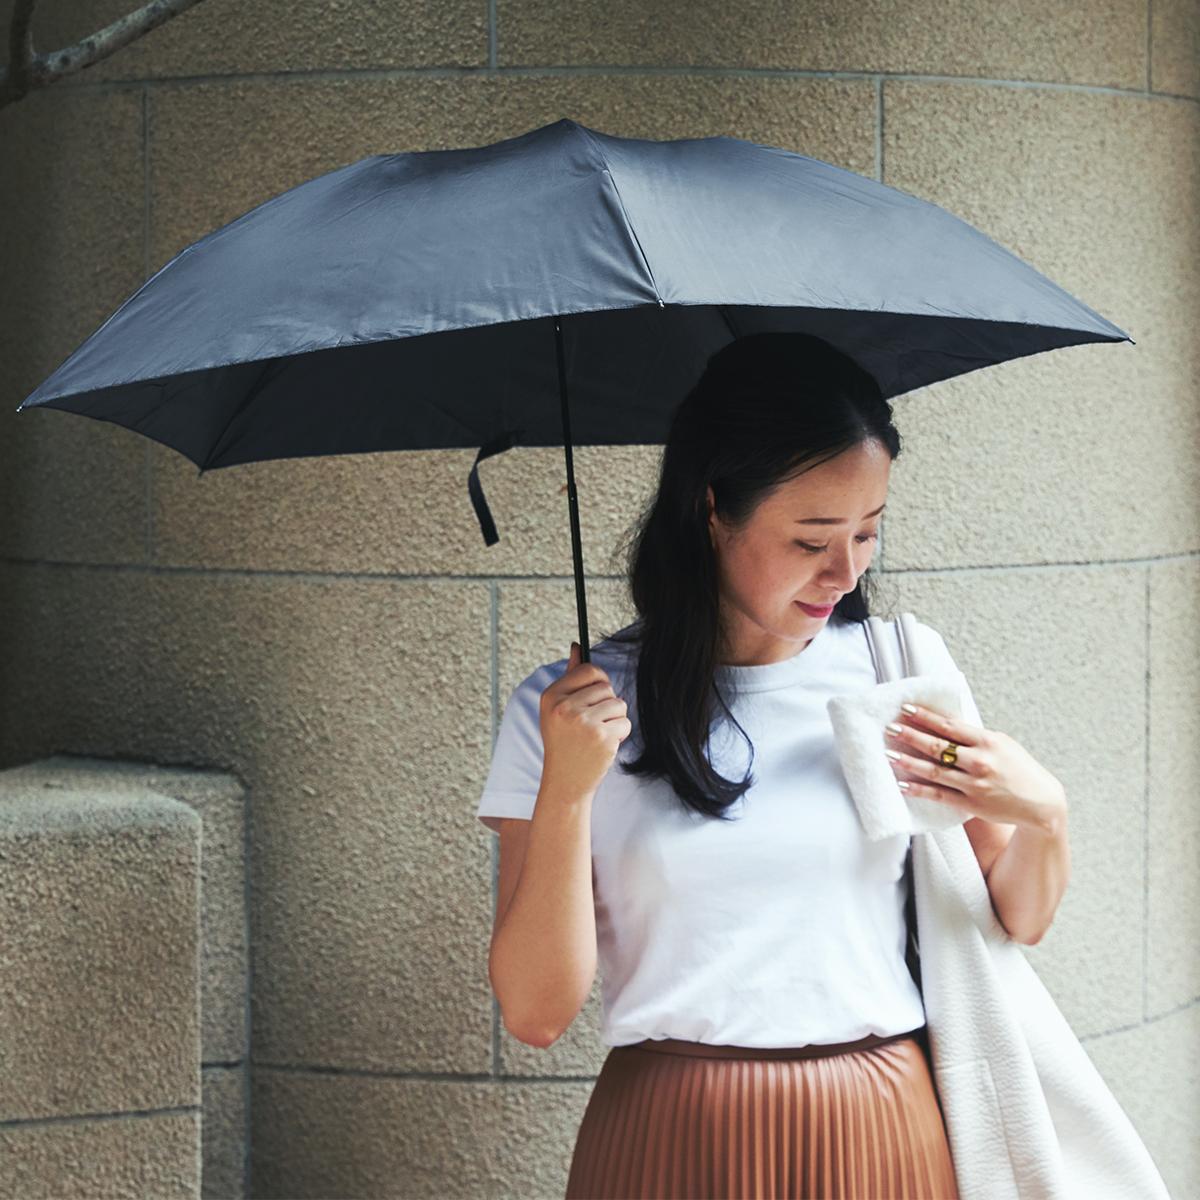 """突然の雨も怖くない""""世界最軽量級""""折りたたみ傘。毎日の「散歩」が楽しくなるグッズを集めてみました。バッグや財布、タオルに傘、ケア用品など8選"""